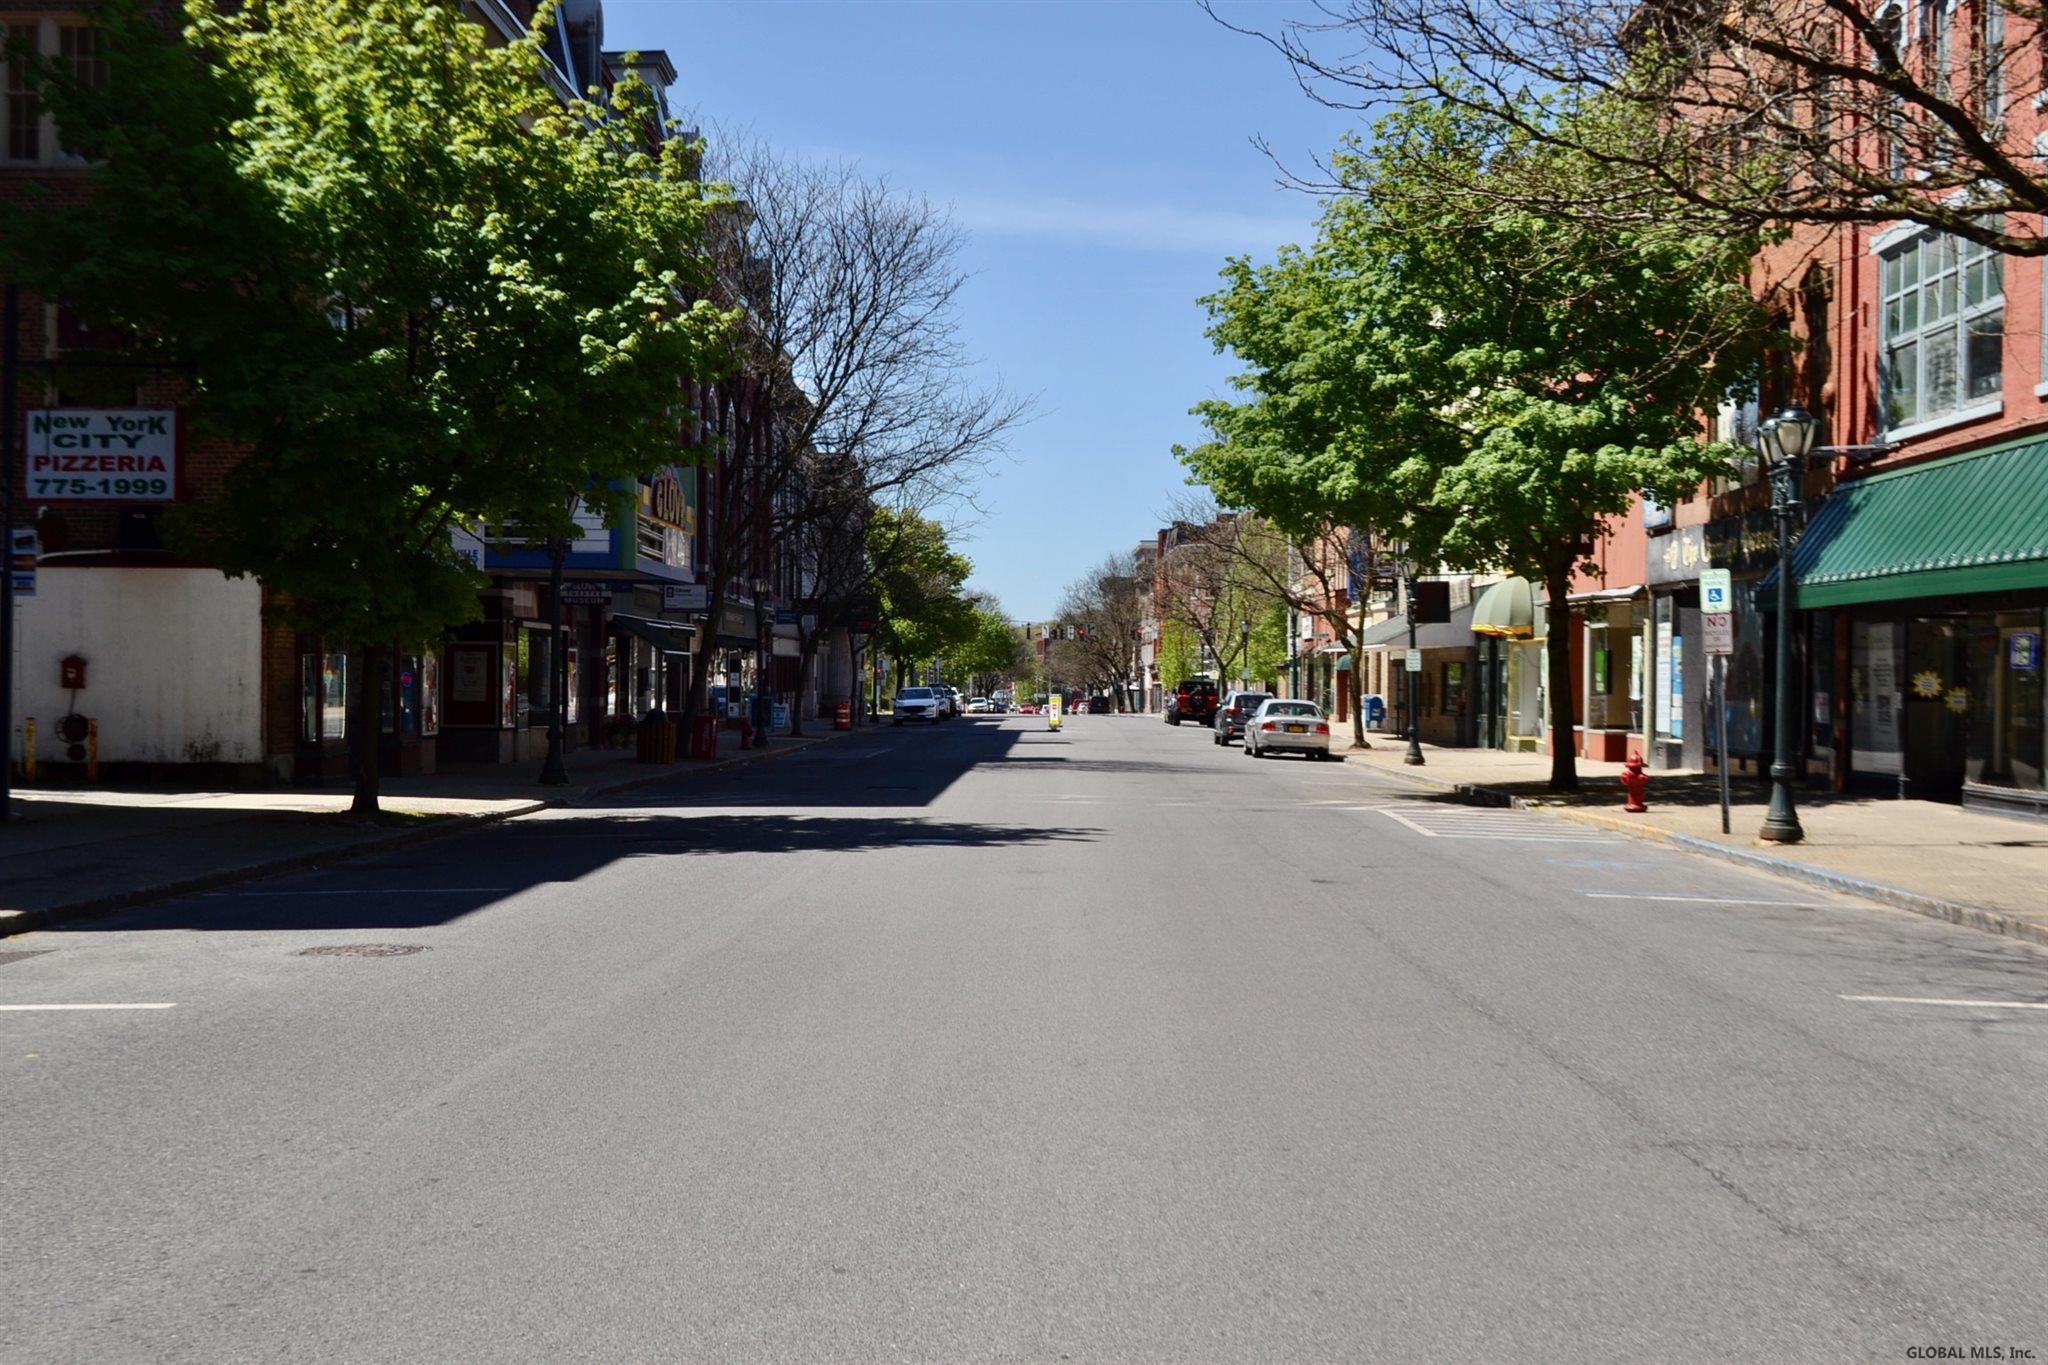 Gloversville image 20